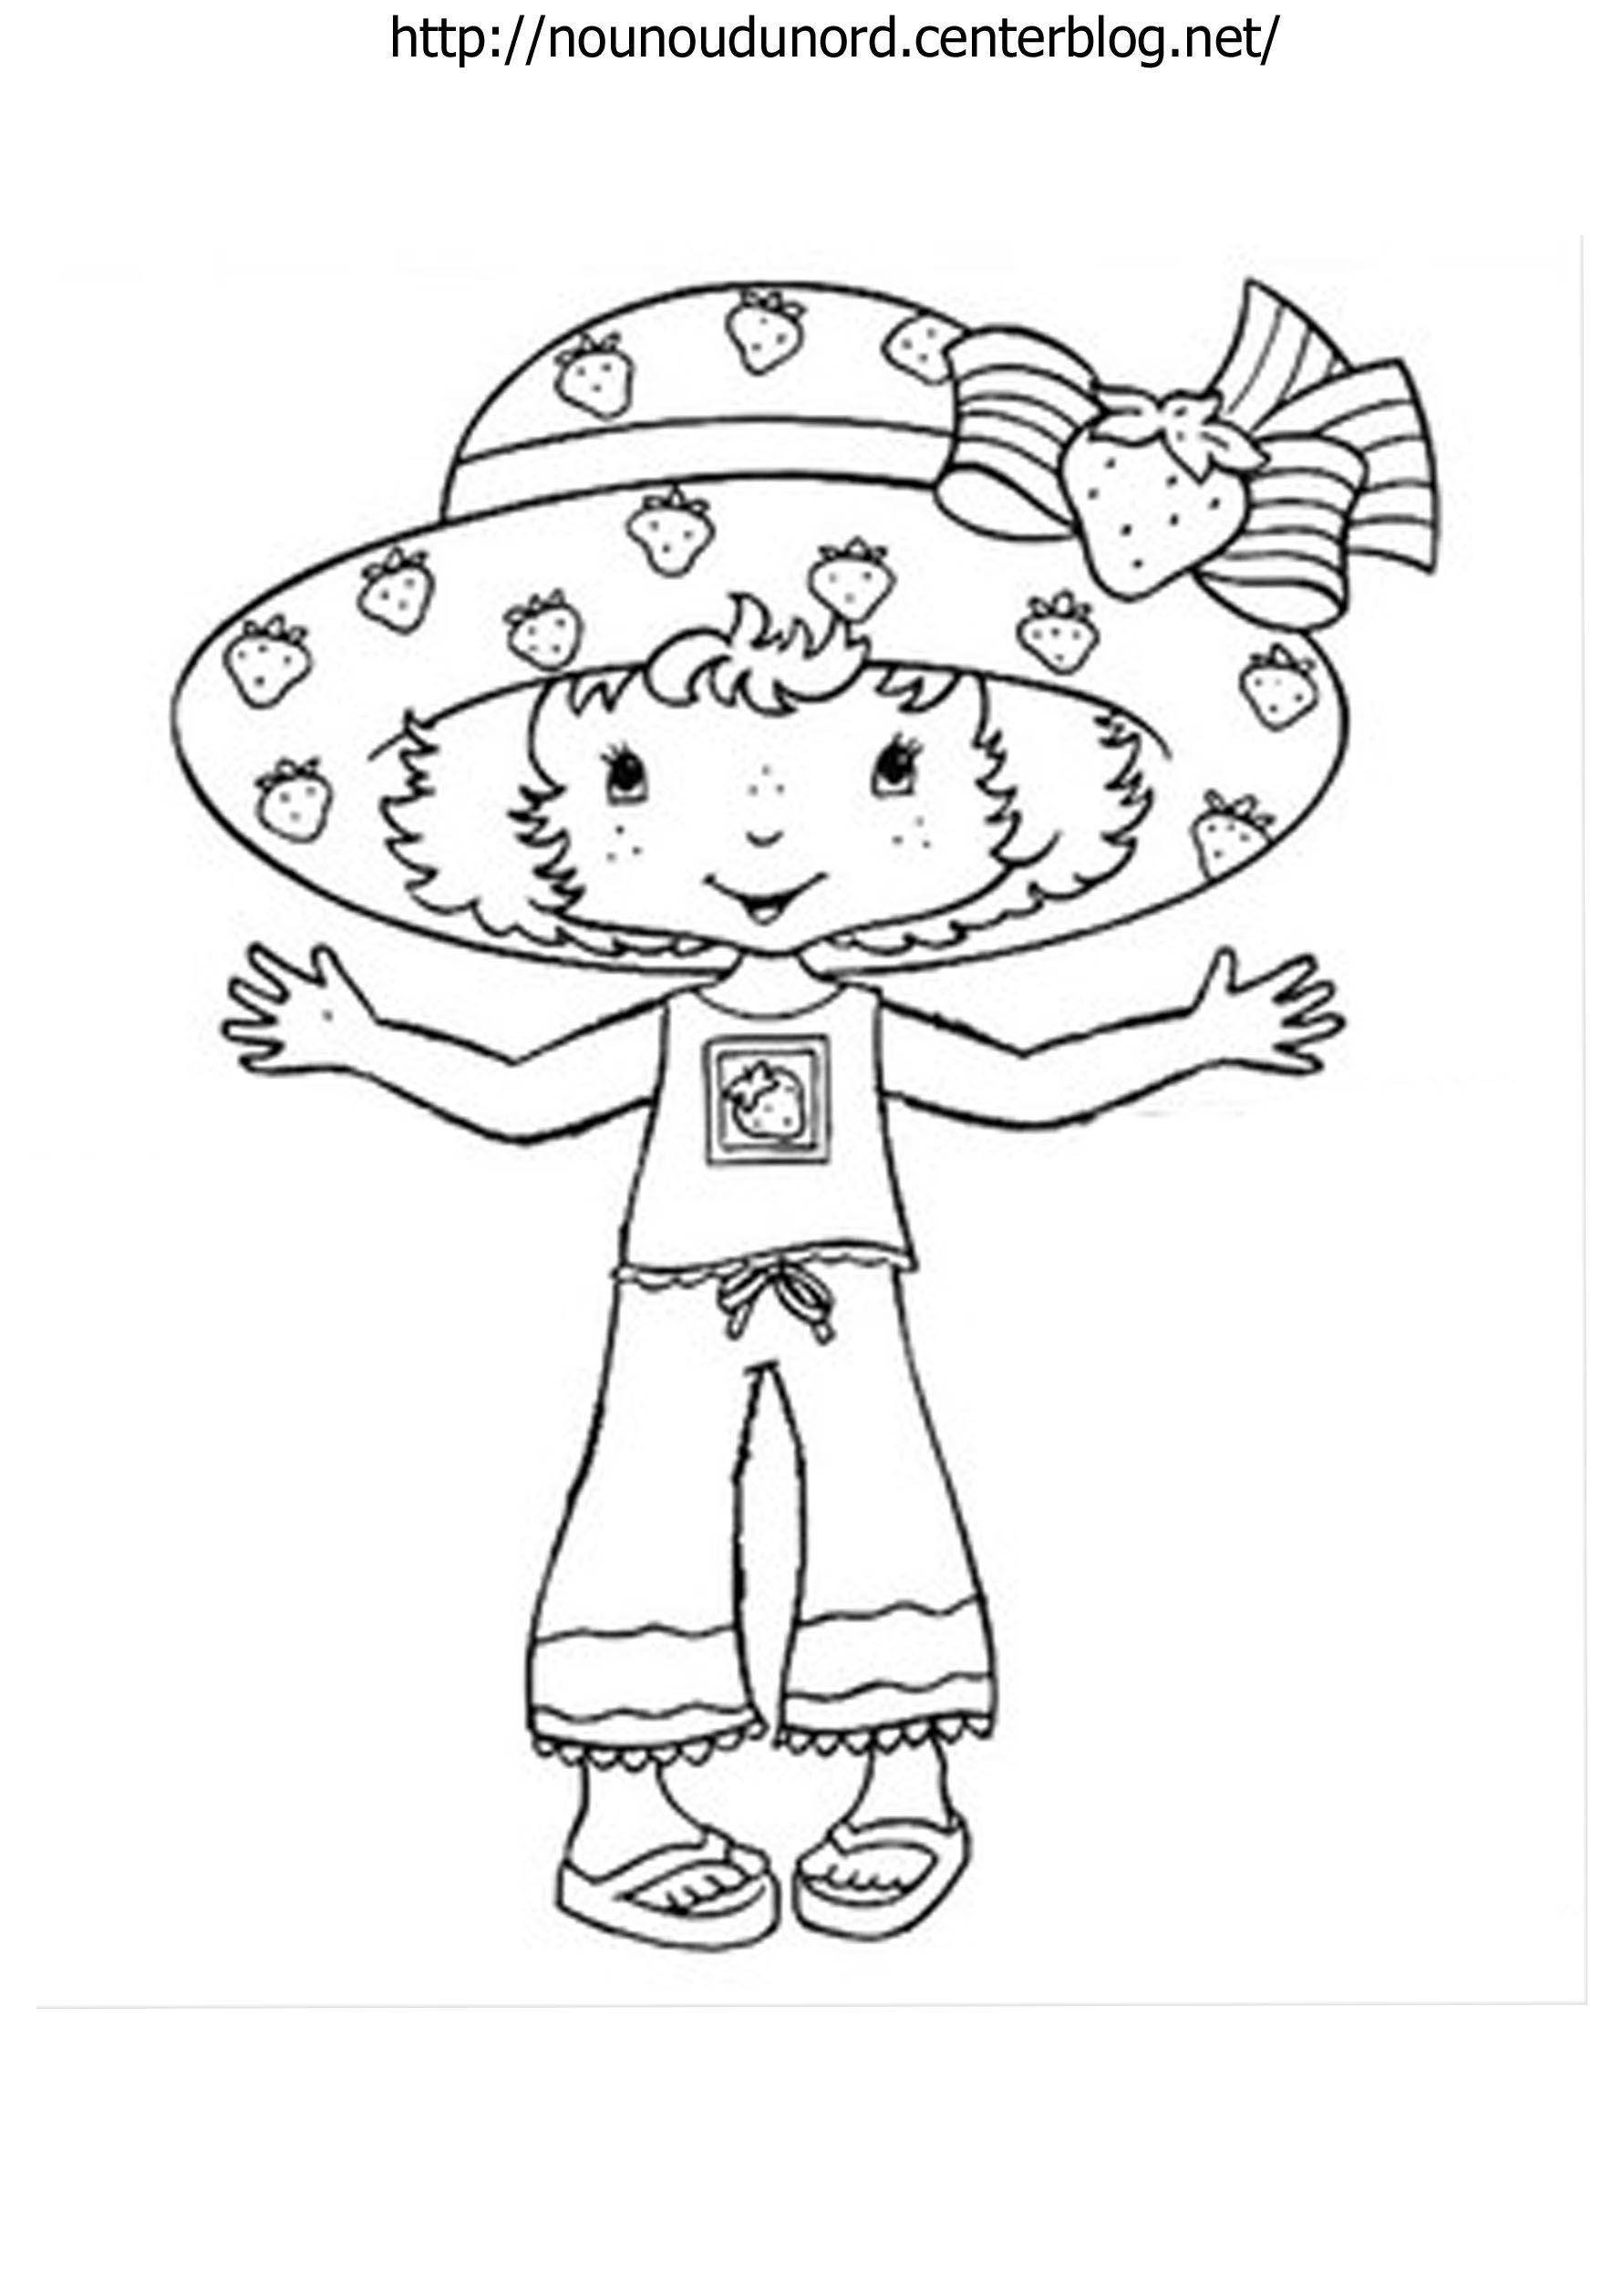 Coloriage charlotte aux fraises dessin par nounoudunord - Dessin charlotte aux fraises ...